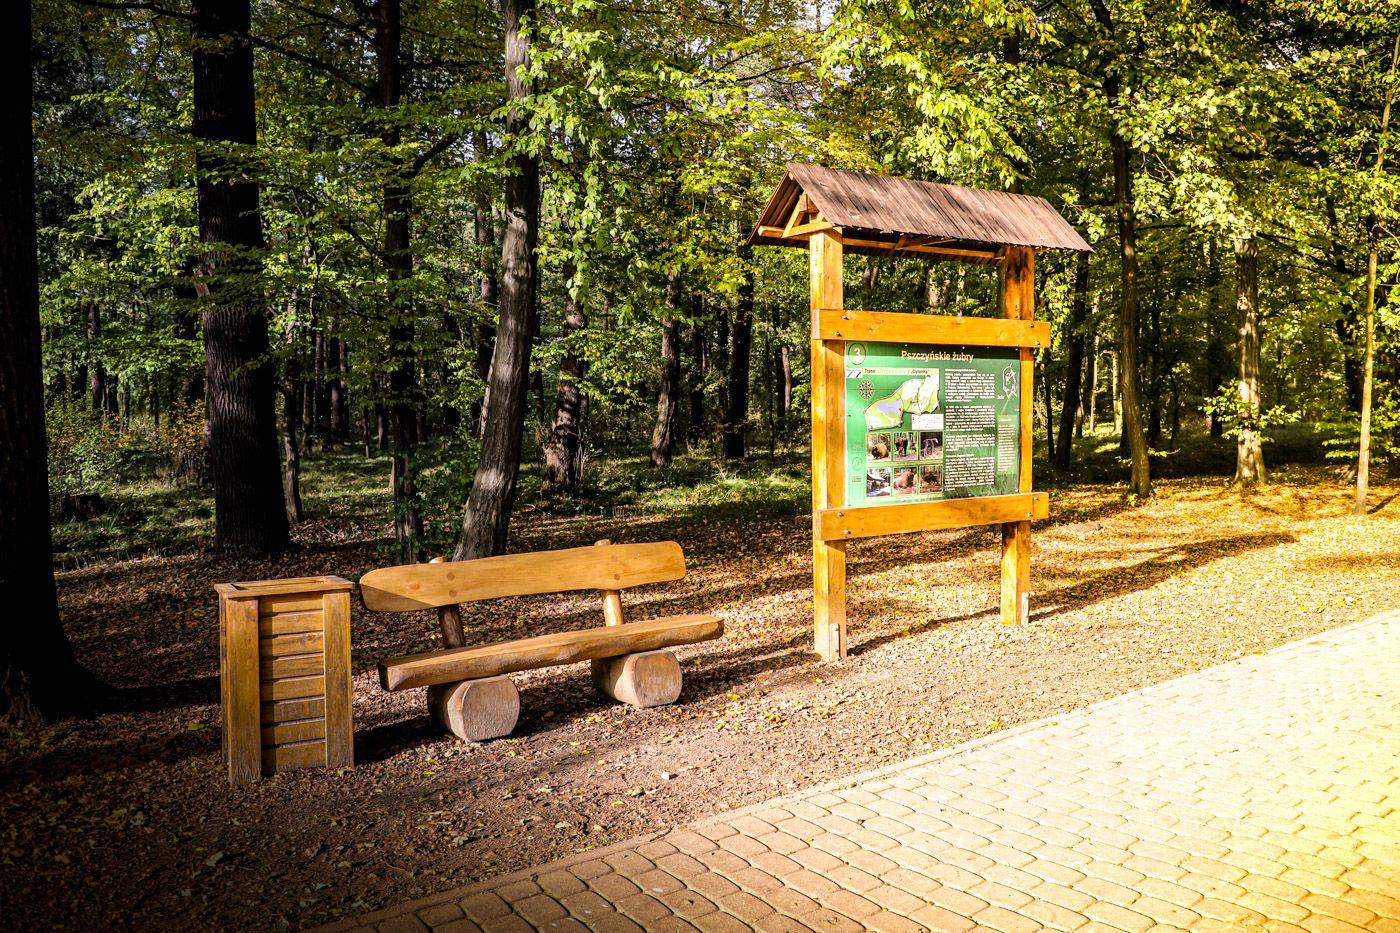 W pszczyńskim parku powstała ścieżka edukacyjna